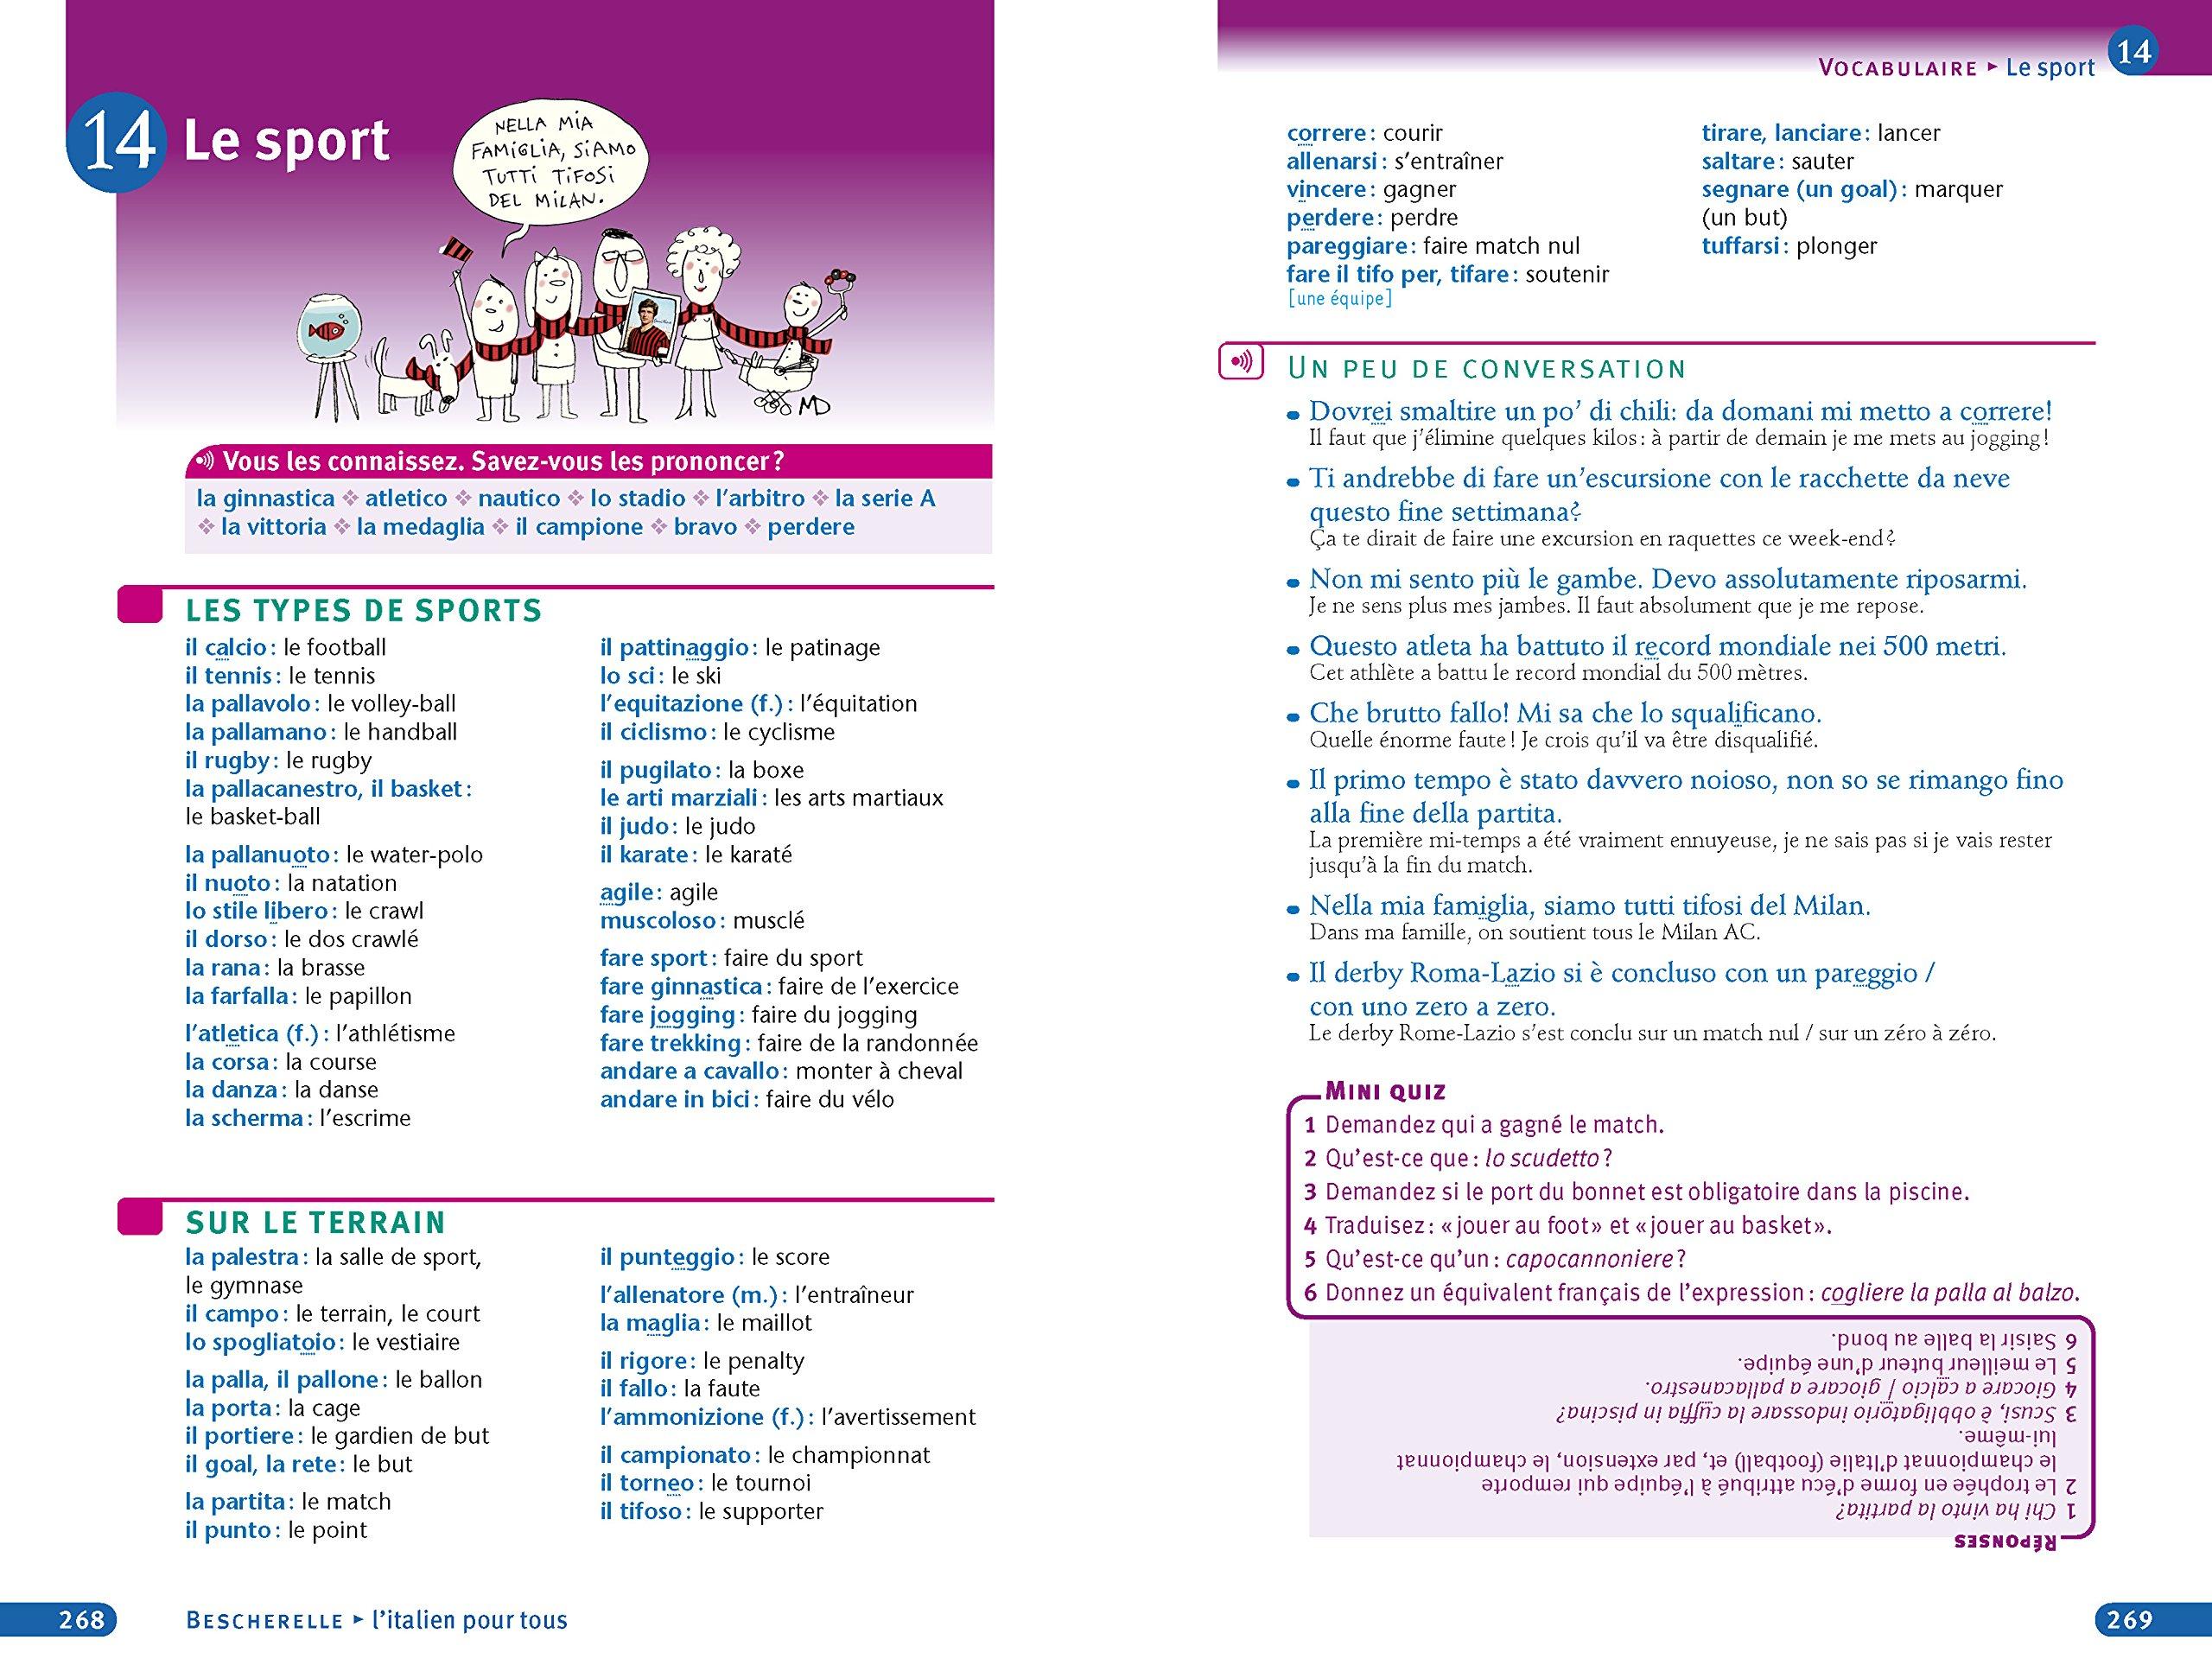 Amazon Fr Bescherelle L Italien Pour Tous Grammaire Vocabulaire Conjugaison Chionne Iris El Ghaoui Lisa Livres